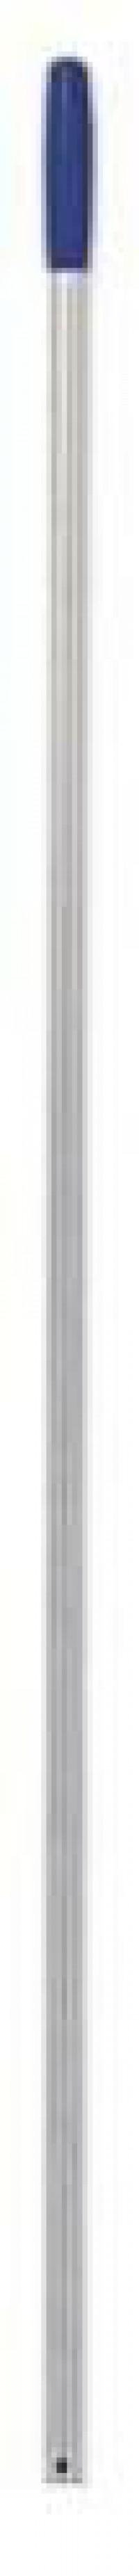 Manche alu  pro 140cm 023 a/trou